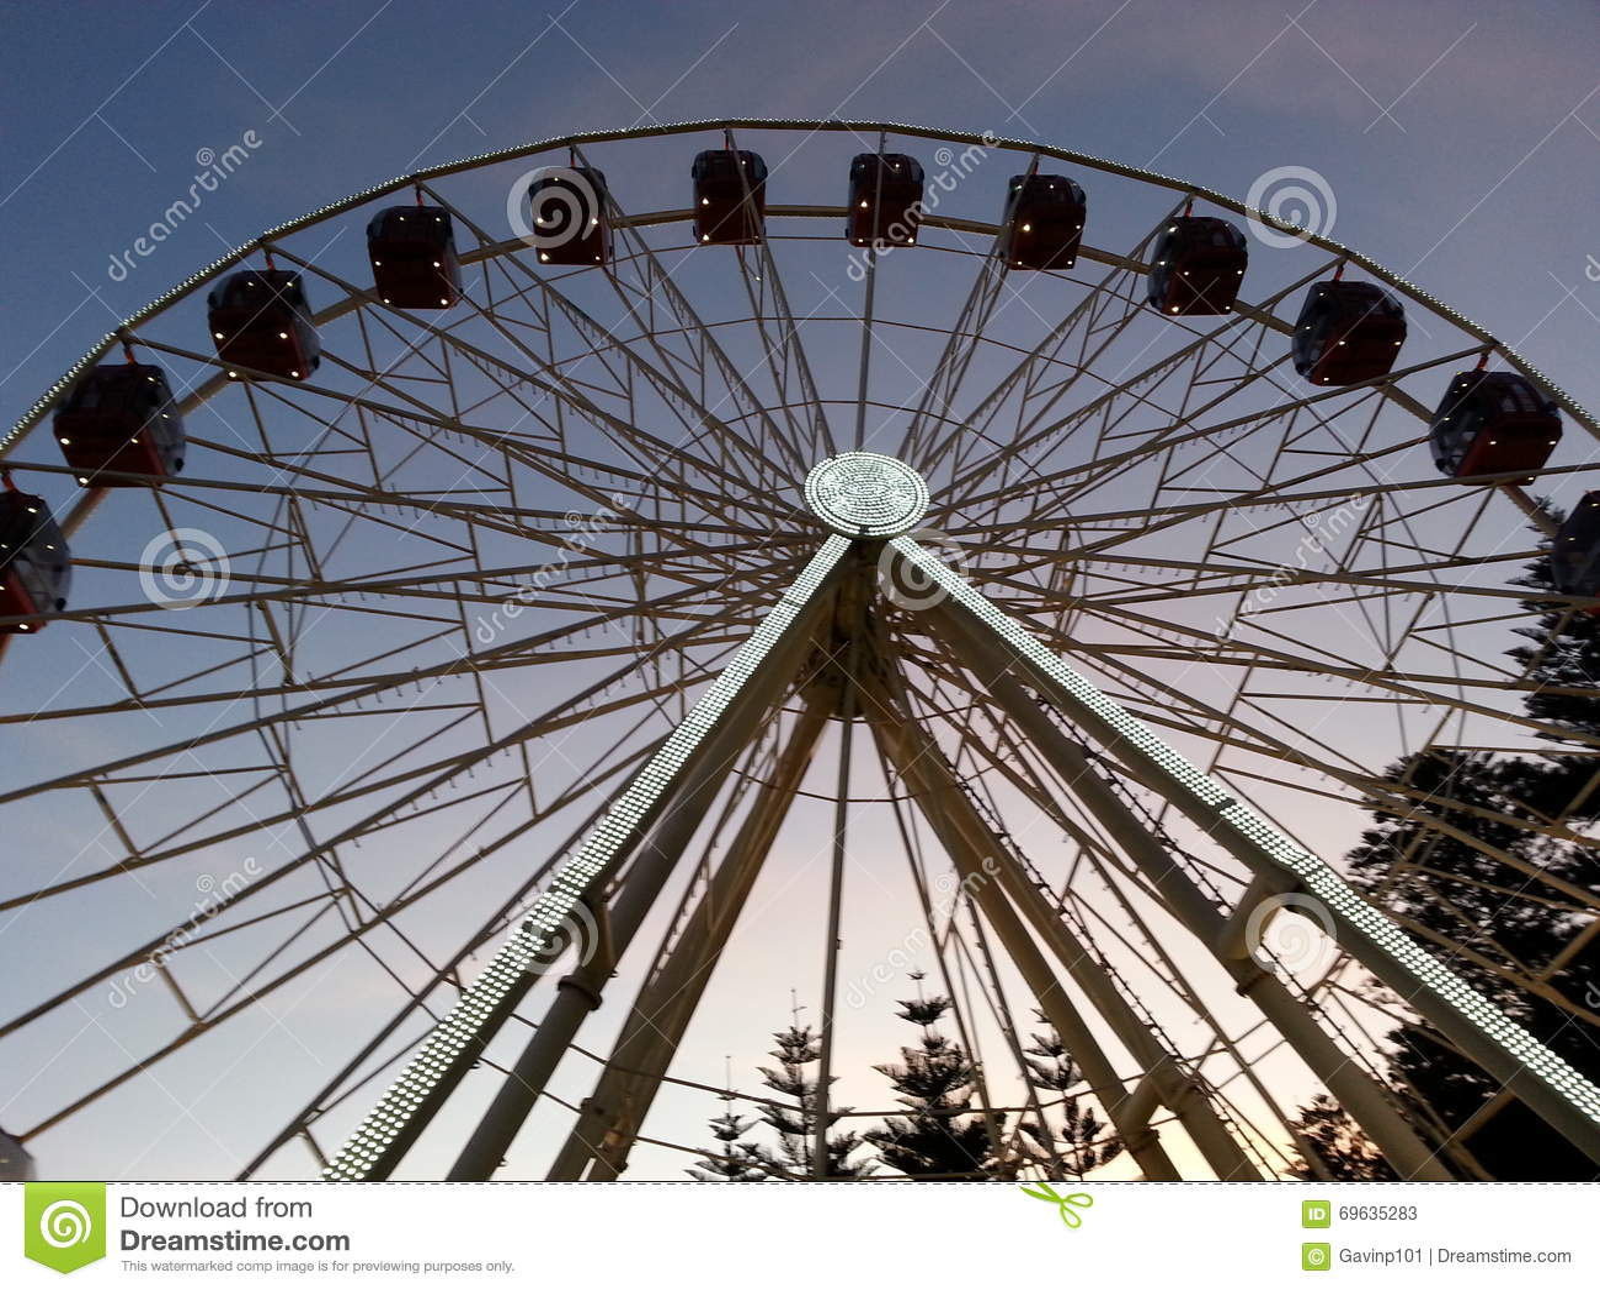 Date wheel in Australia